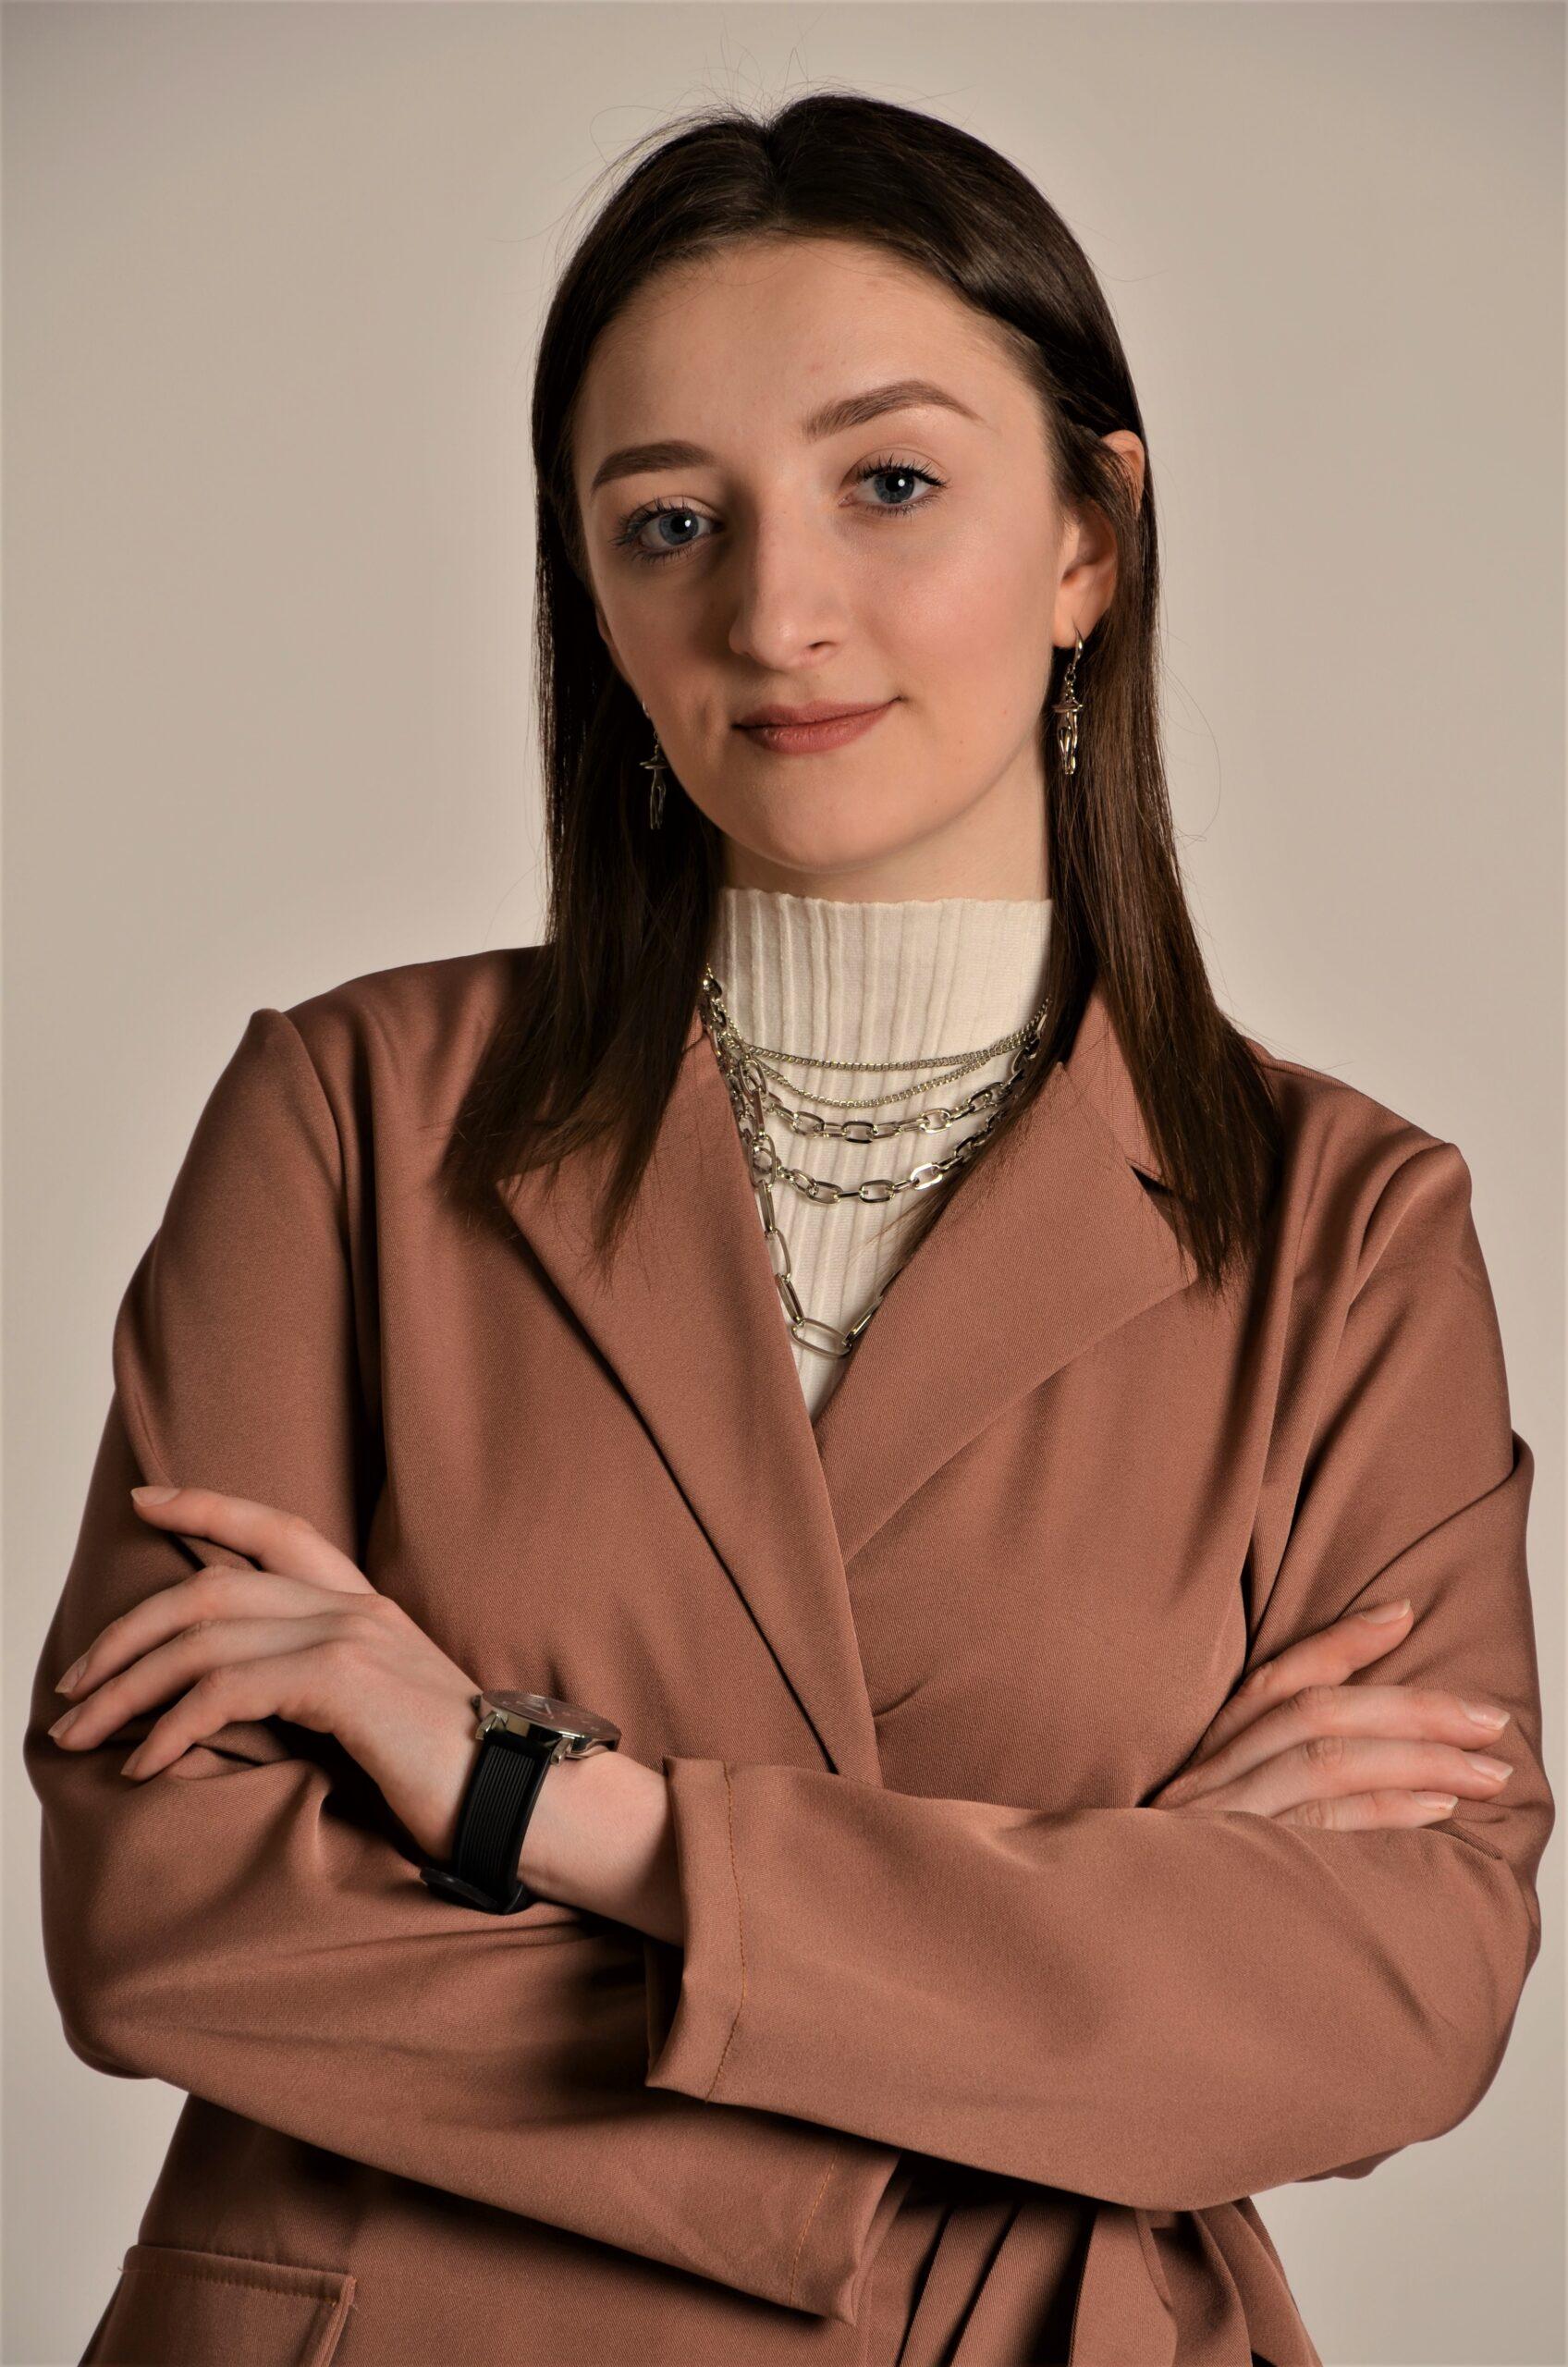 Склярова Кристина Владимировна